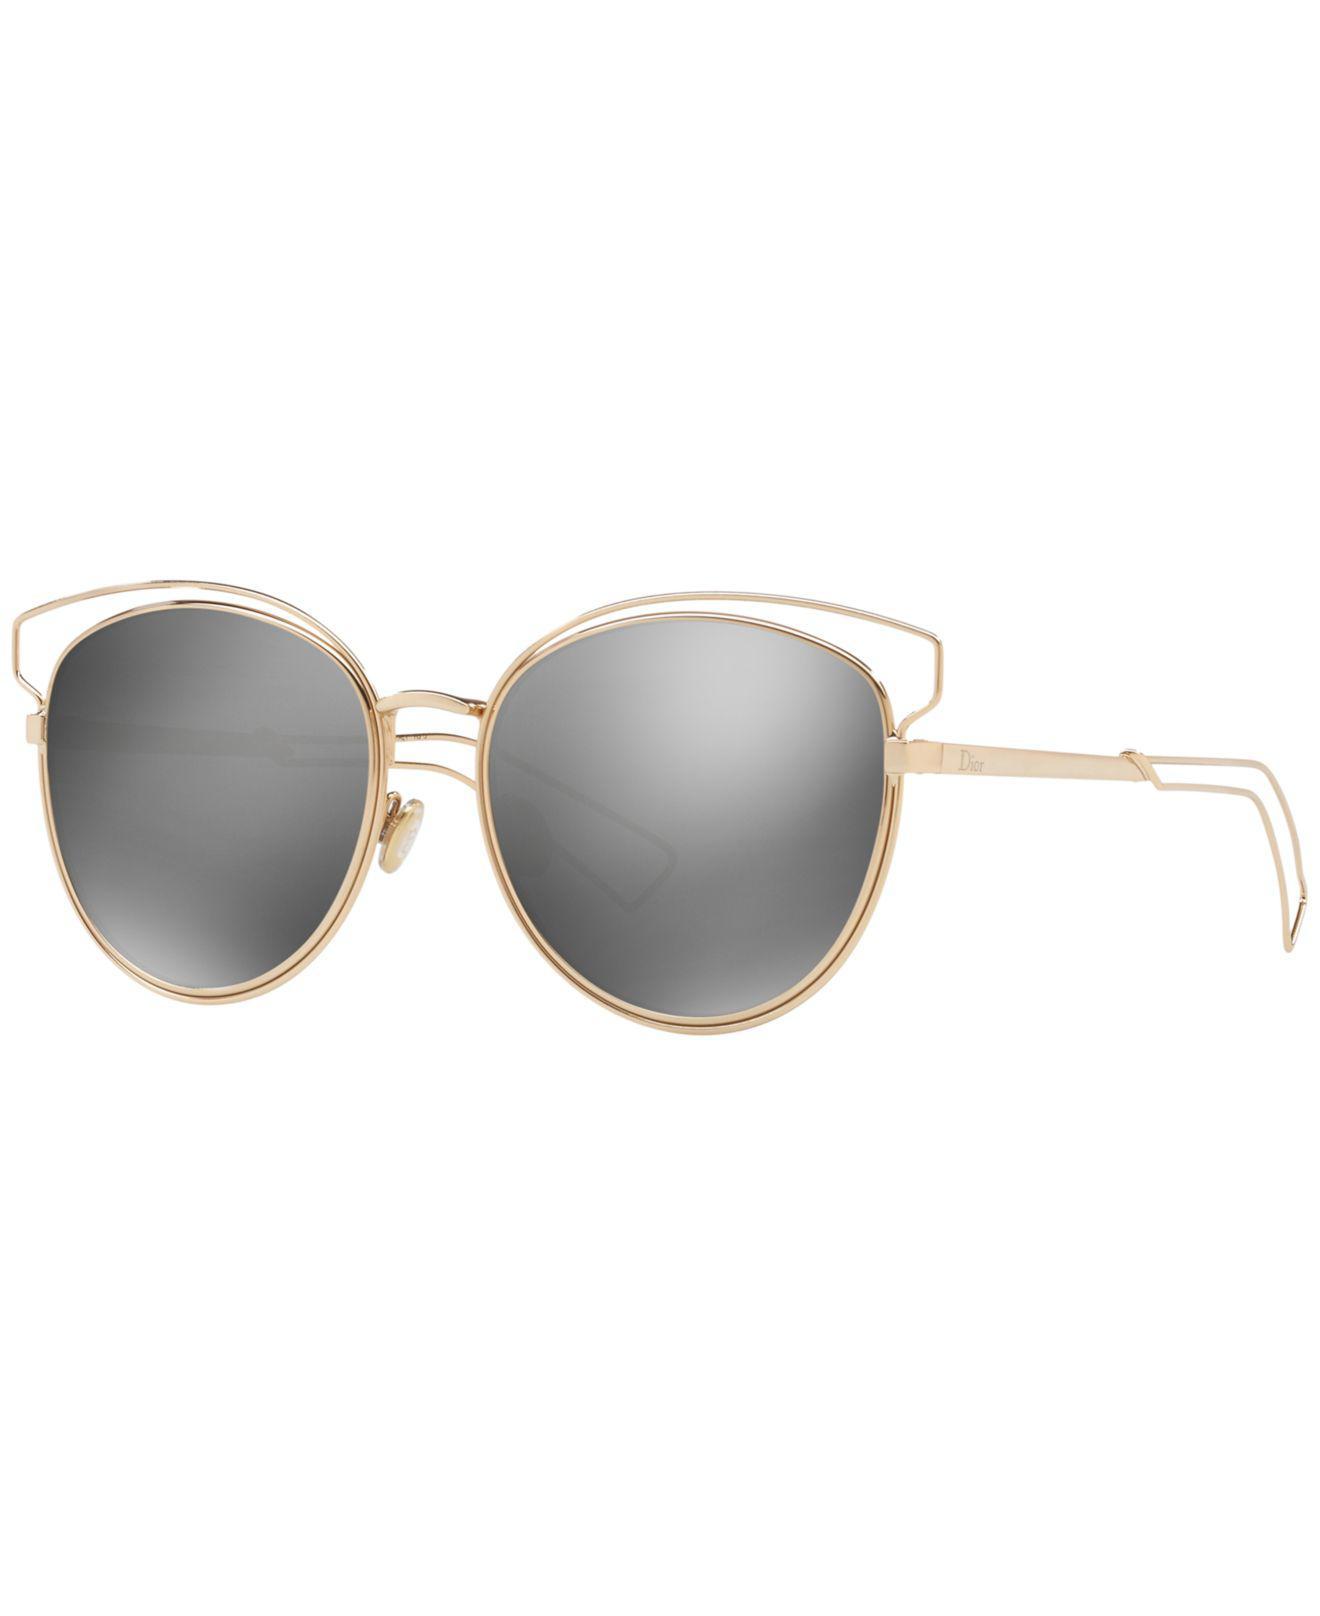 0240fde8482d Lyst - Dior Sunglasses